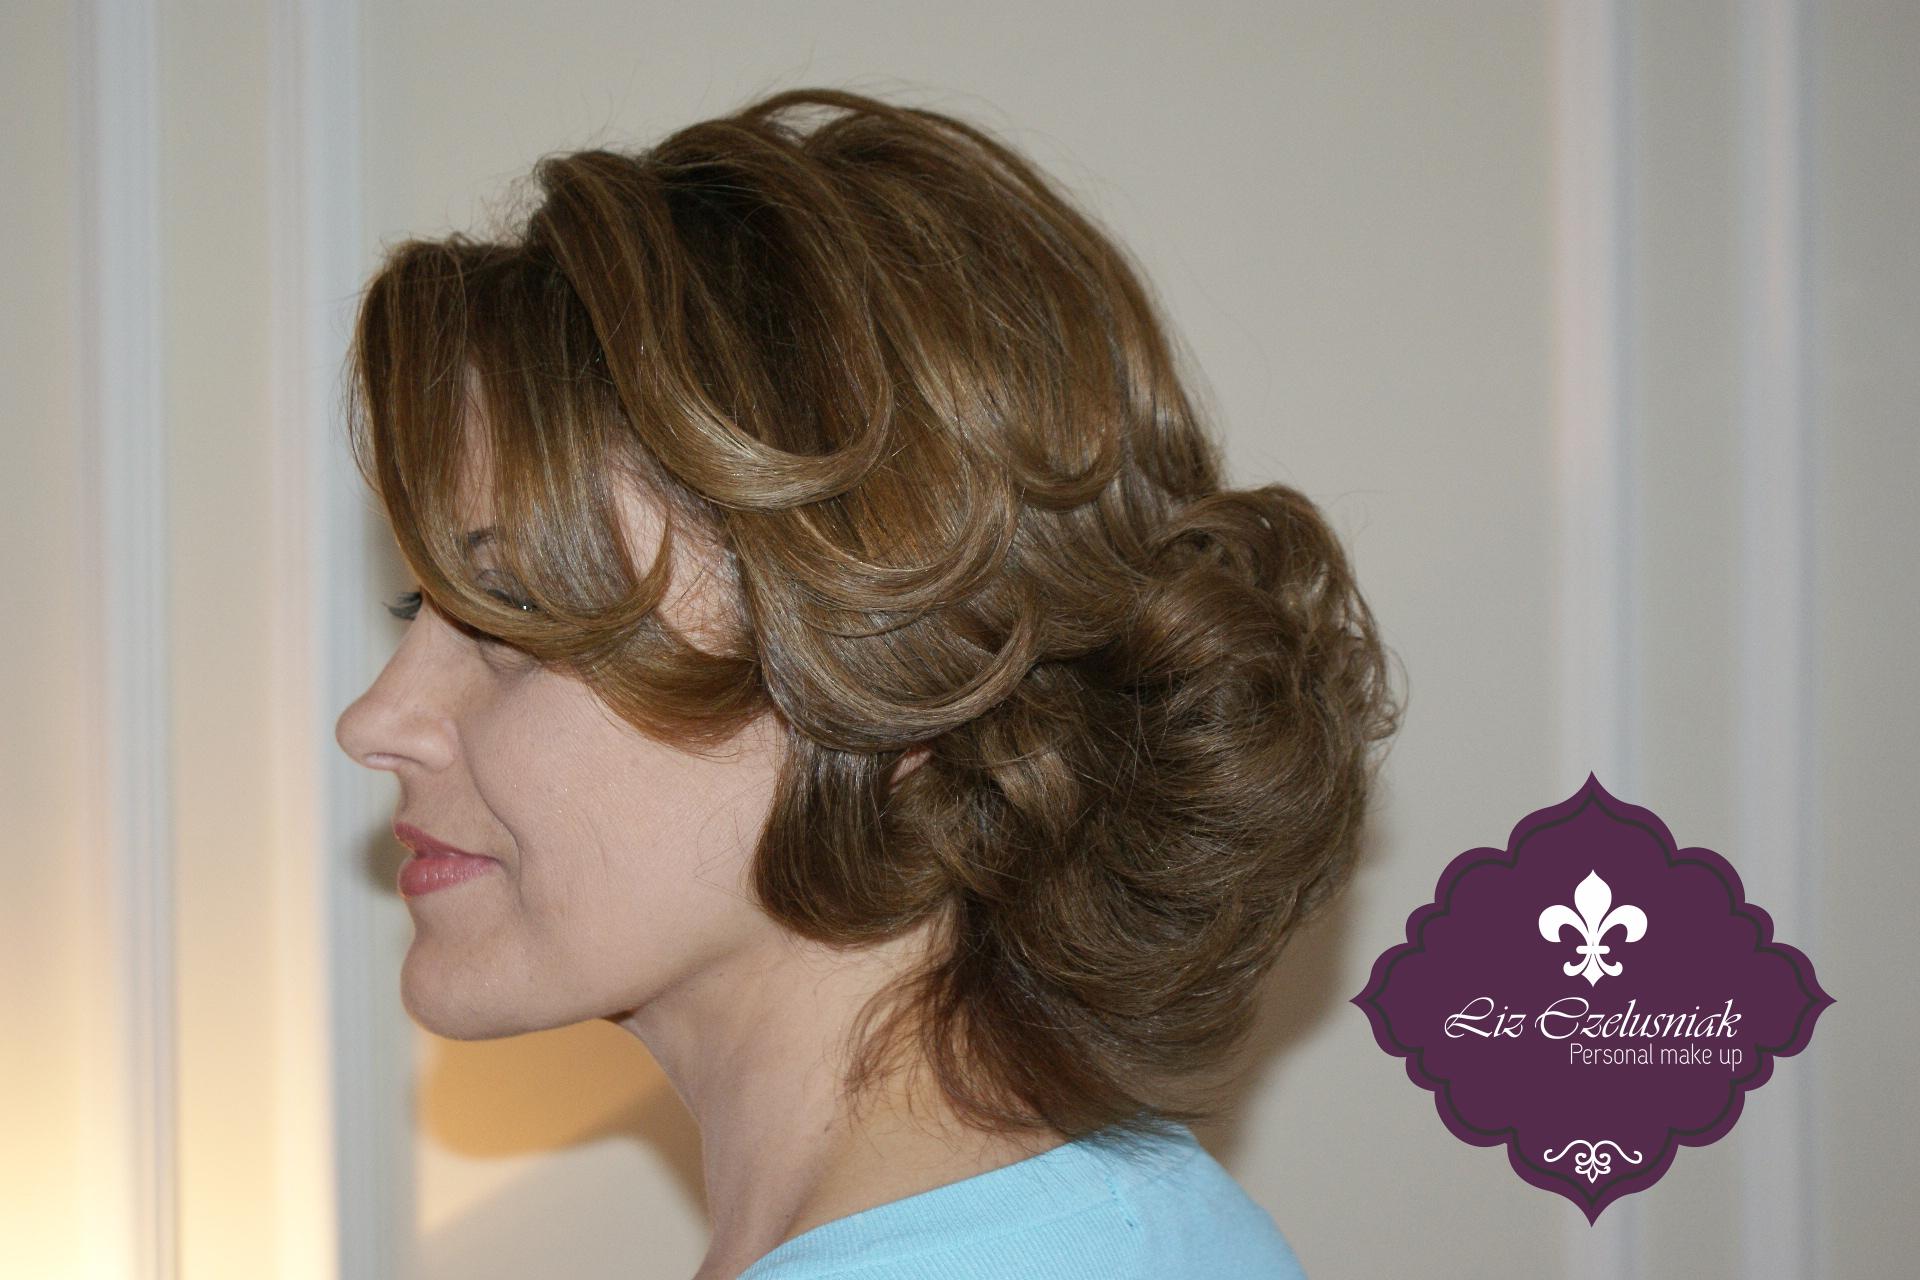 Hair  by Liz Czelusniak Penteado#Convidada#Casamento#Escova#modelada#dando#movimento#trabalhando#mechas#valorizando#corte#by#LizCzelusniak. maquiador(a) cabeleireiro(a) designer de sobrancelhas